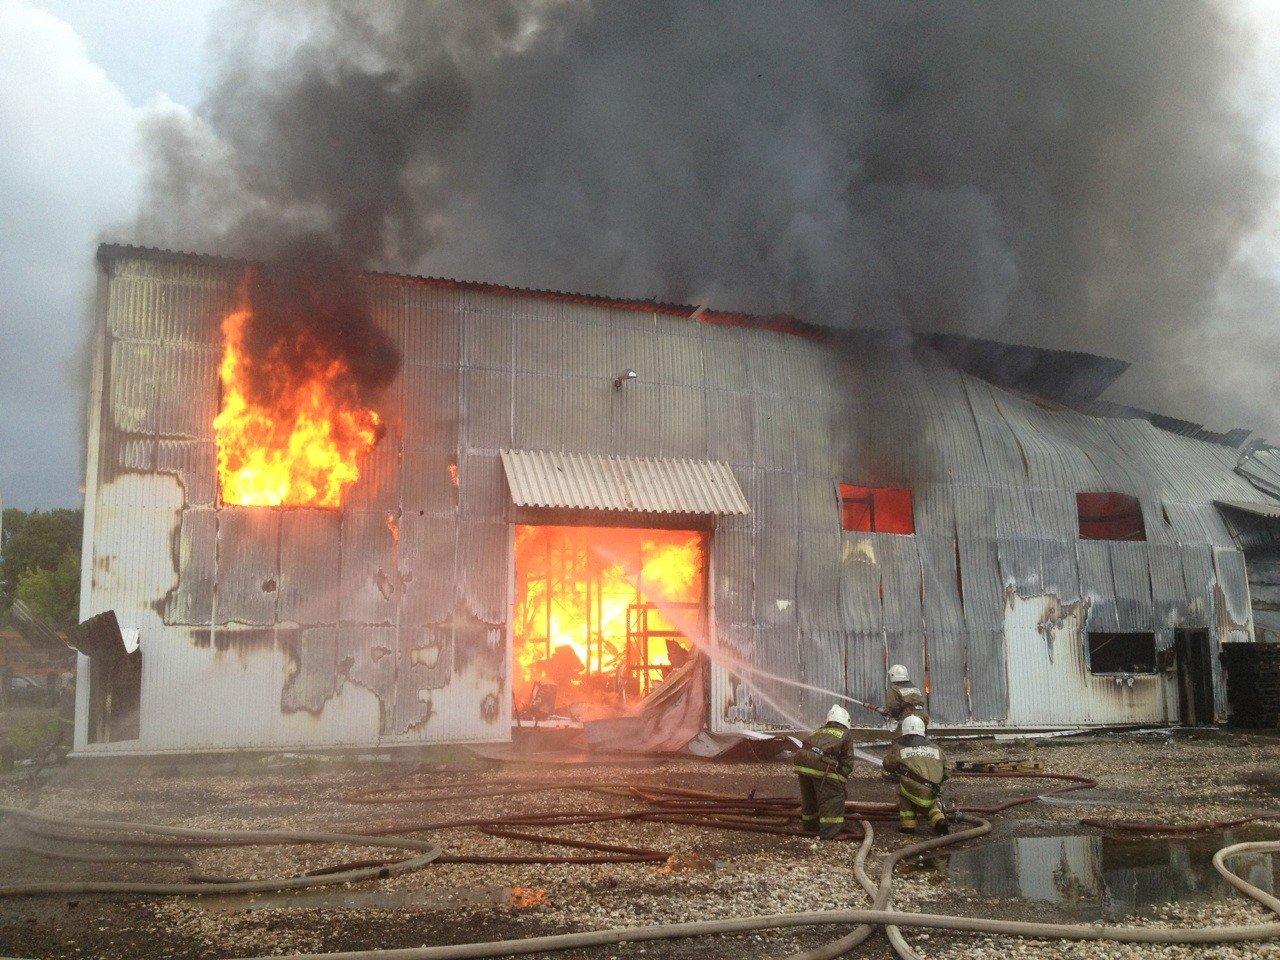 Пожары на складах - частое явление, причина: несоблюдение ППБ